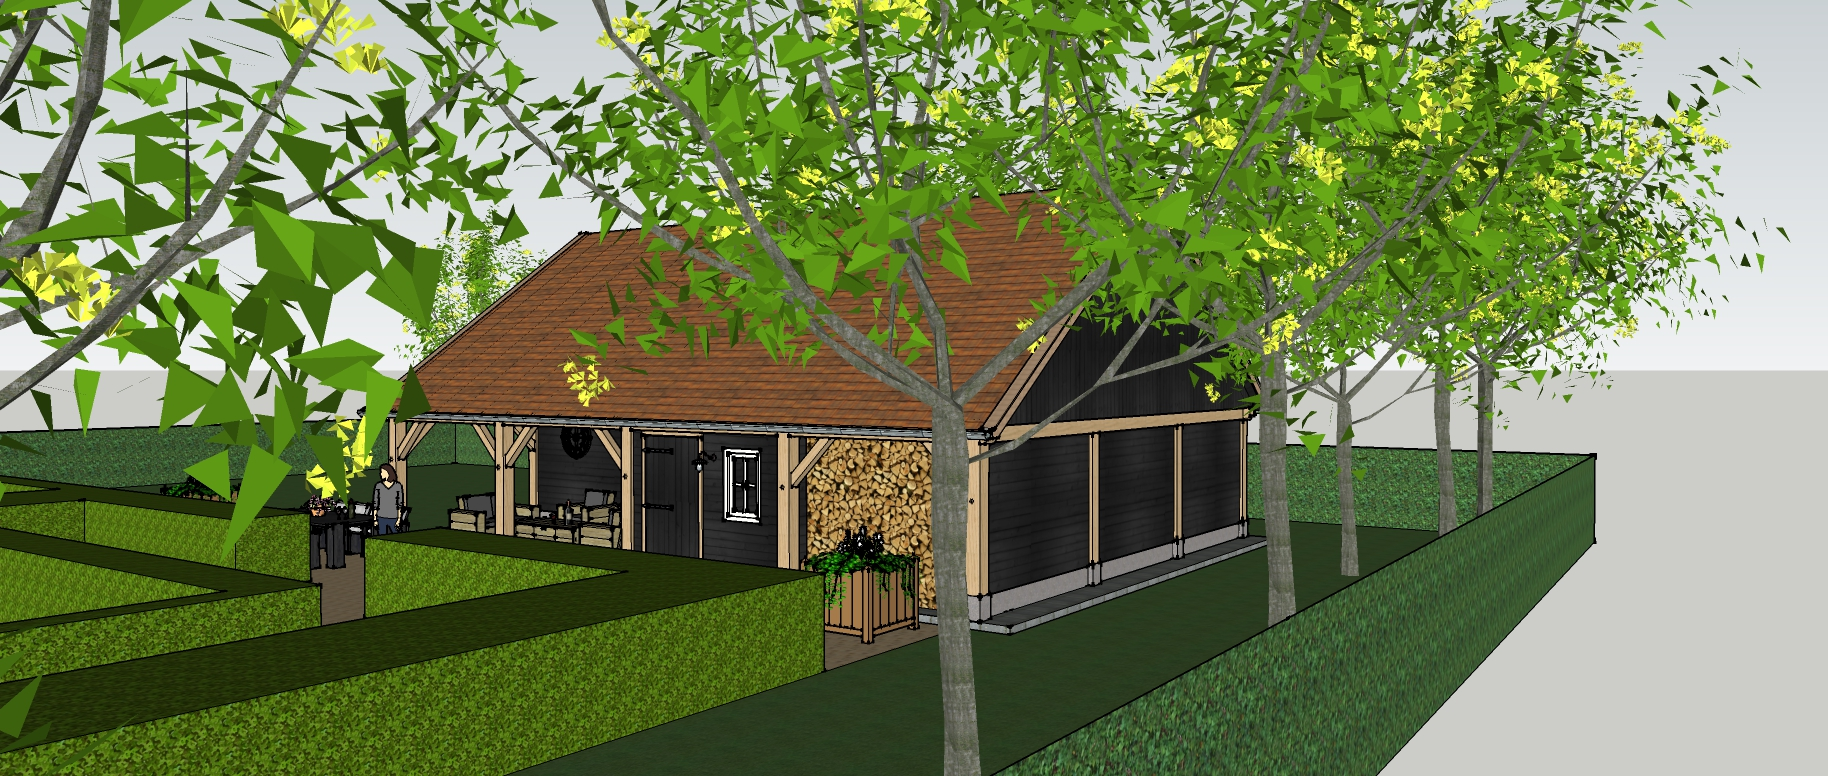 Ontwerp_klassiek_eiken_houten_schuur_1 - Ontwerp: Eikenhouten kapschuur met garage, overkapping en berging.